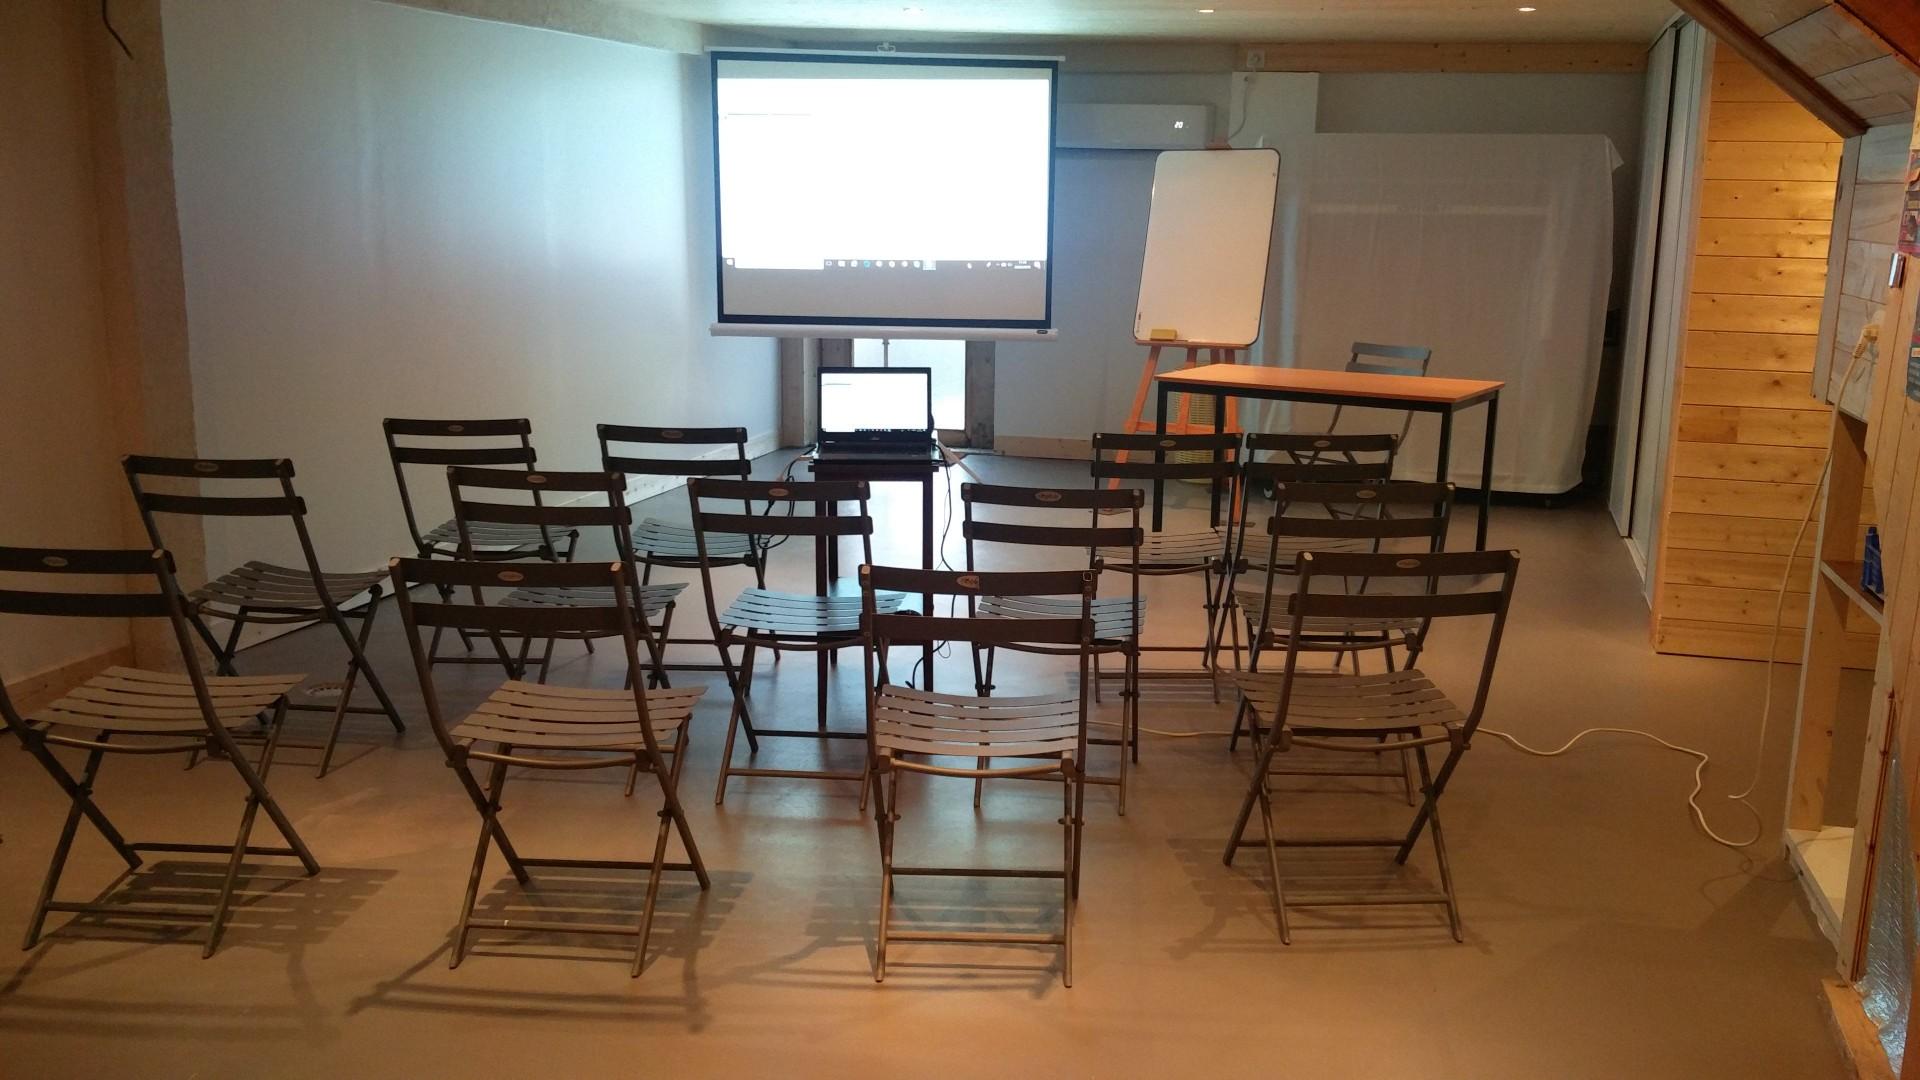 salle_seminaire_2.jpg